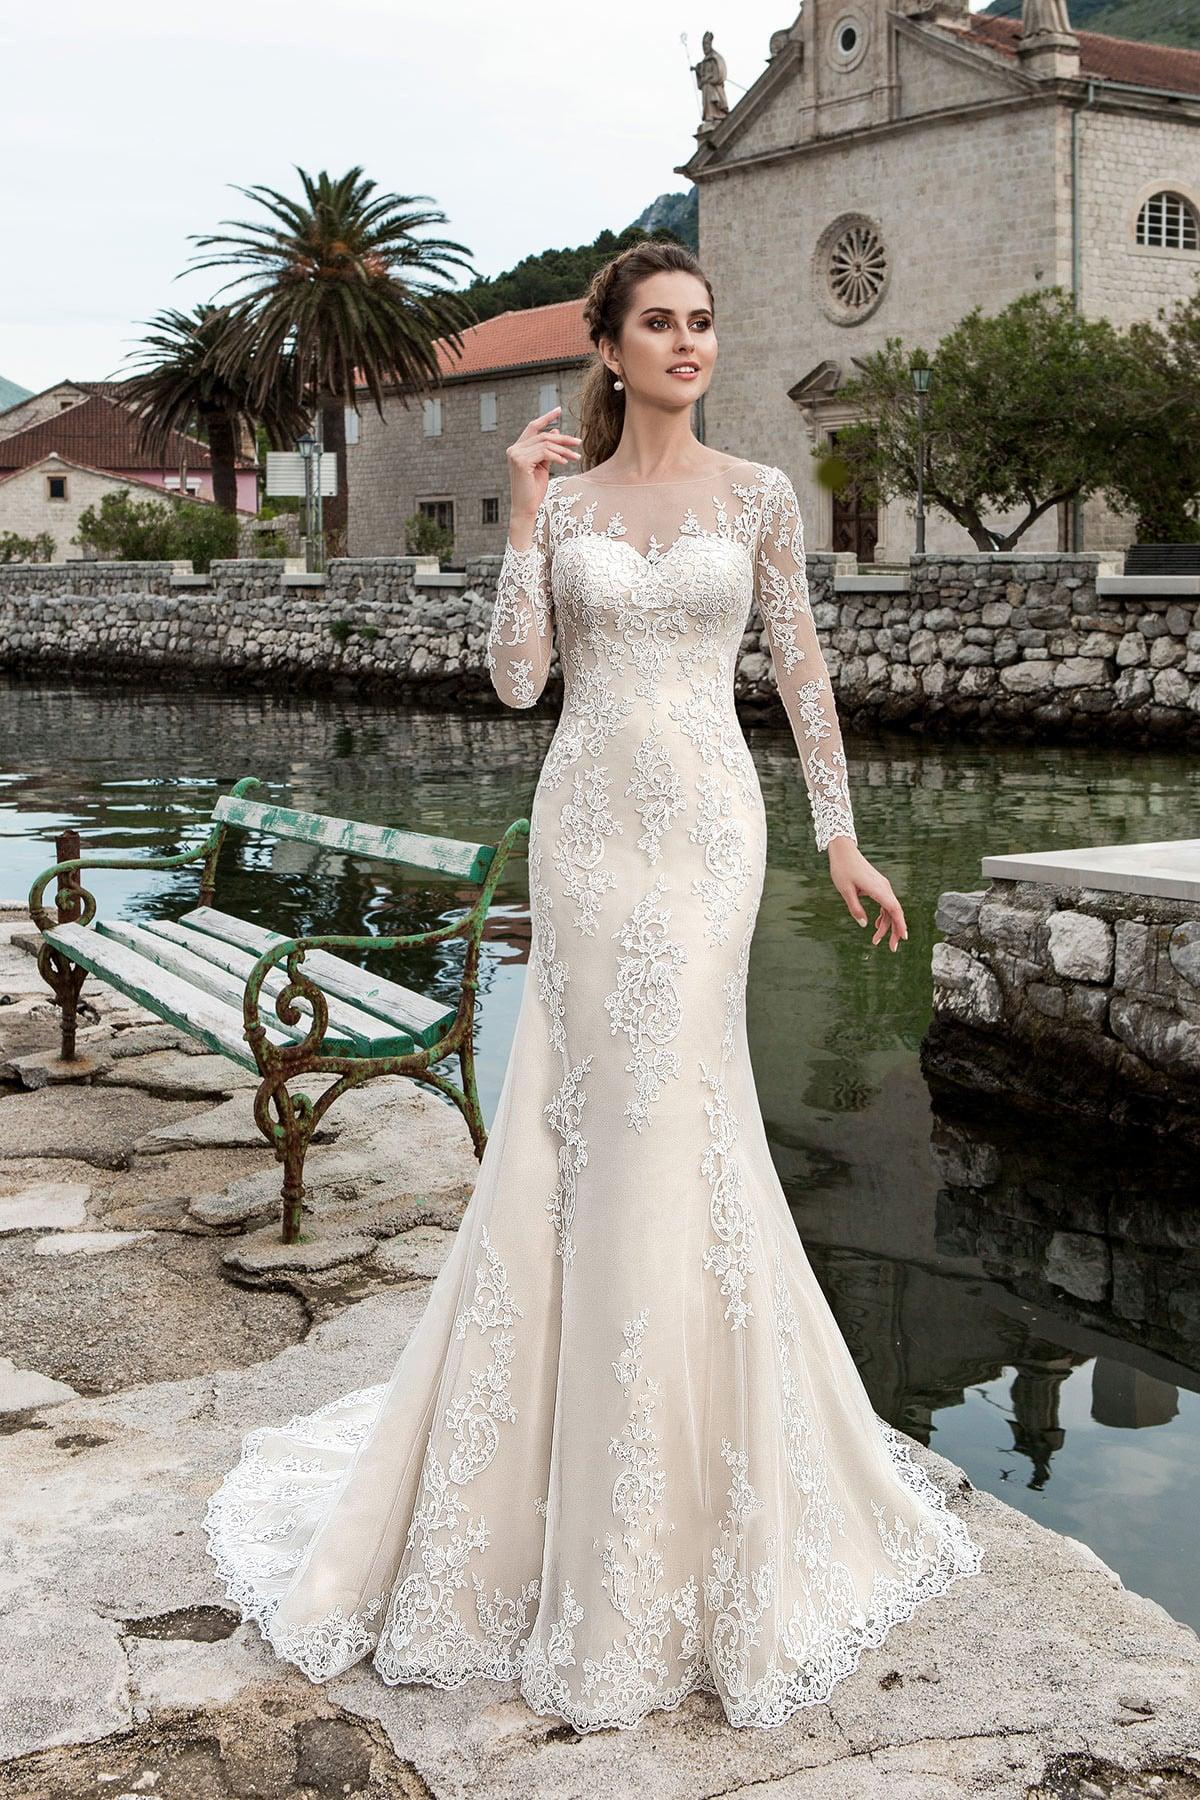 d003194f9c8 Кремовое свадебное платье «рыбка» с длинными рукавами и изящным округлым  вырезом.